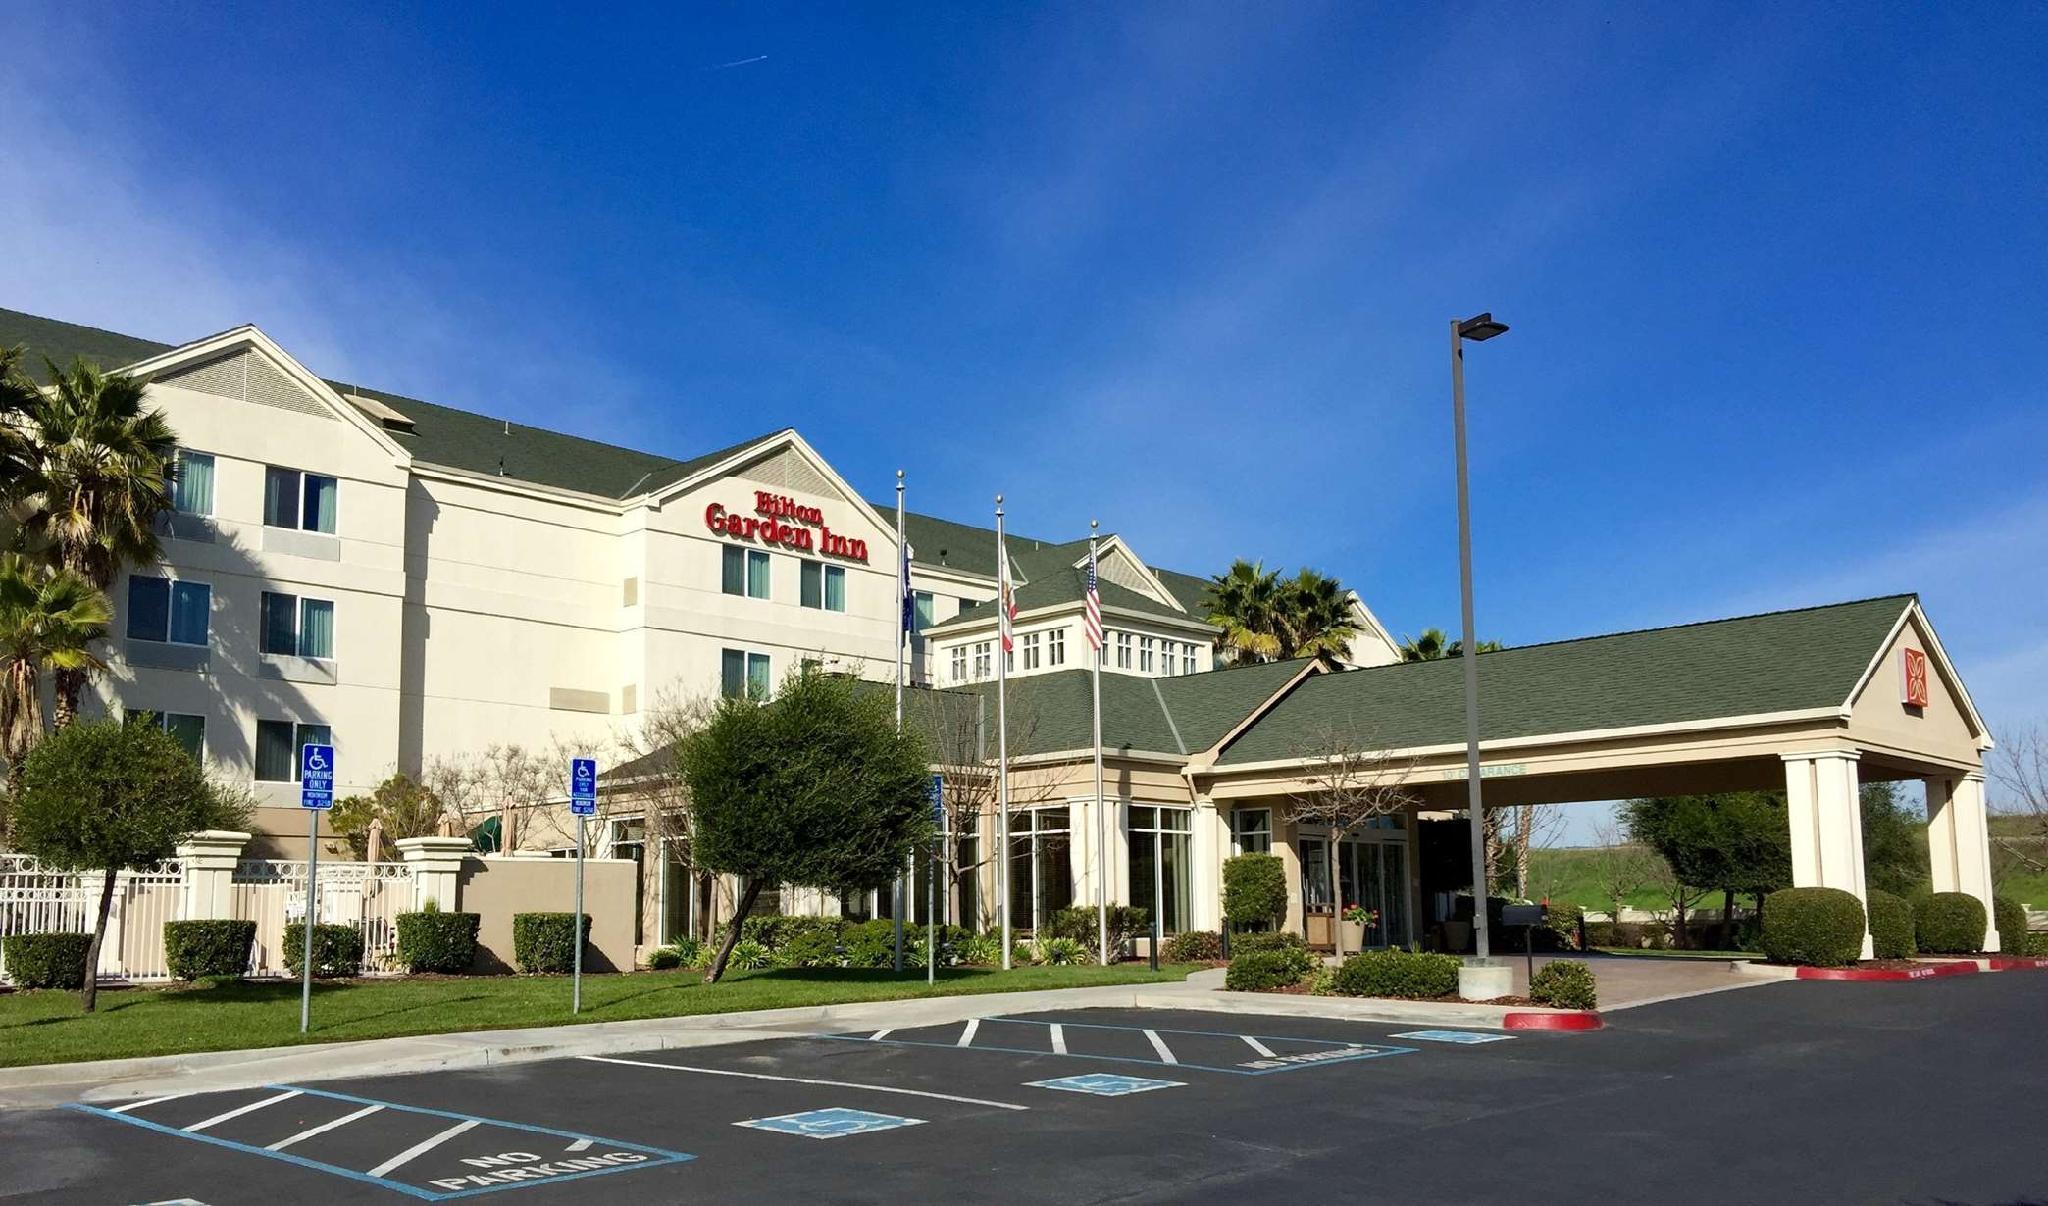 Hilton Garden Inn Gilroy Hotel